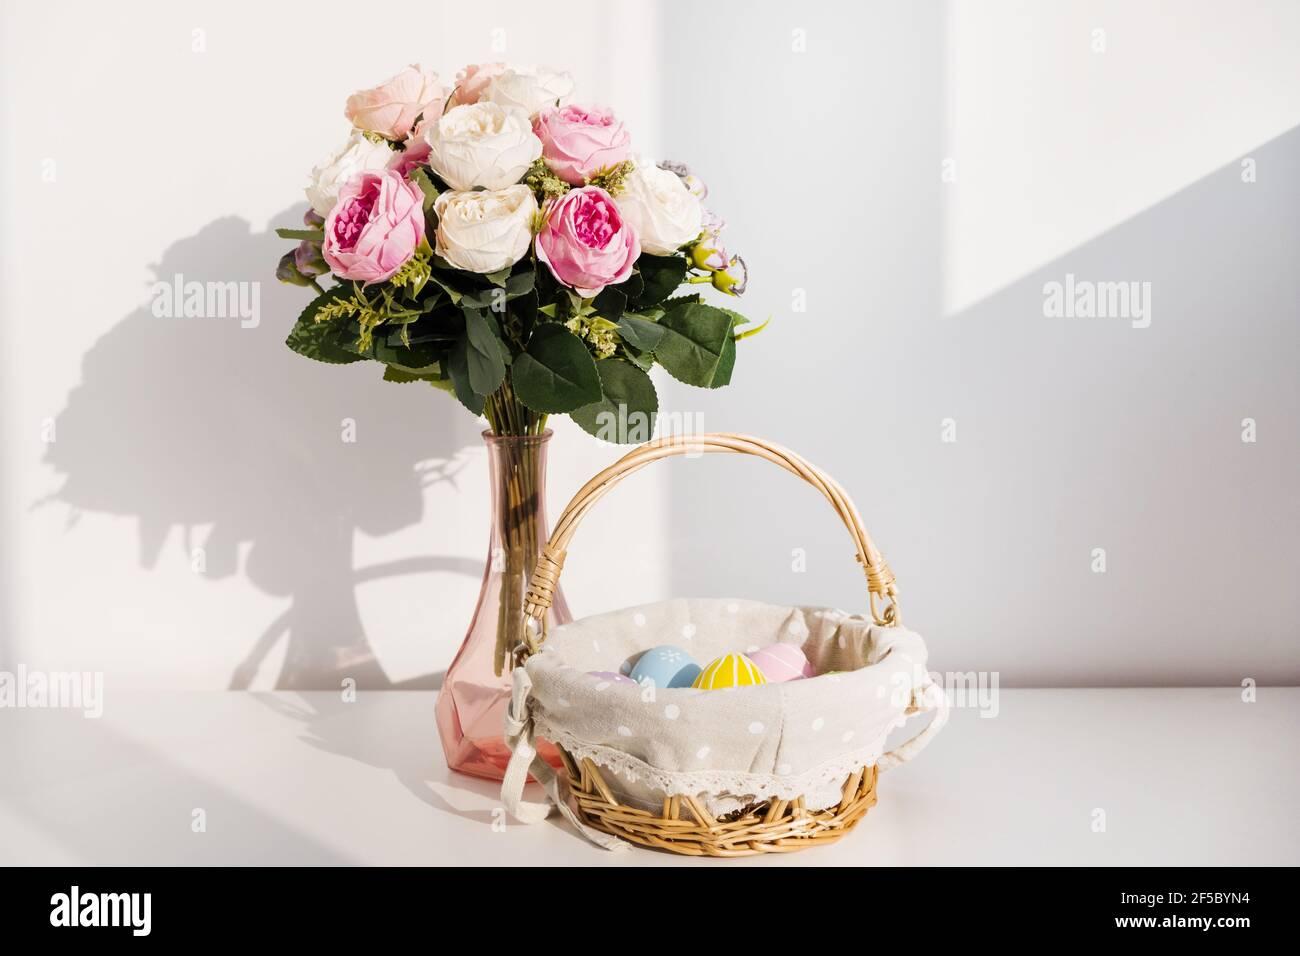 Huevos coloridos de Pascua en buket sobre mesa de madera blanca. Ramo de flores de rosas en el fondo. Felices Pascuas. Estado de ánimo de primavera. Foto de stock